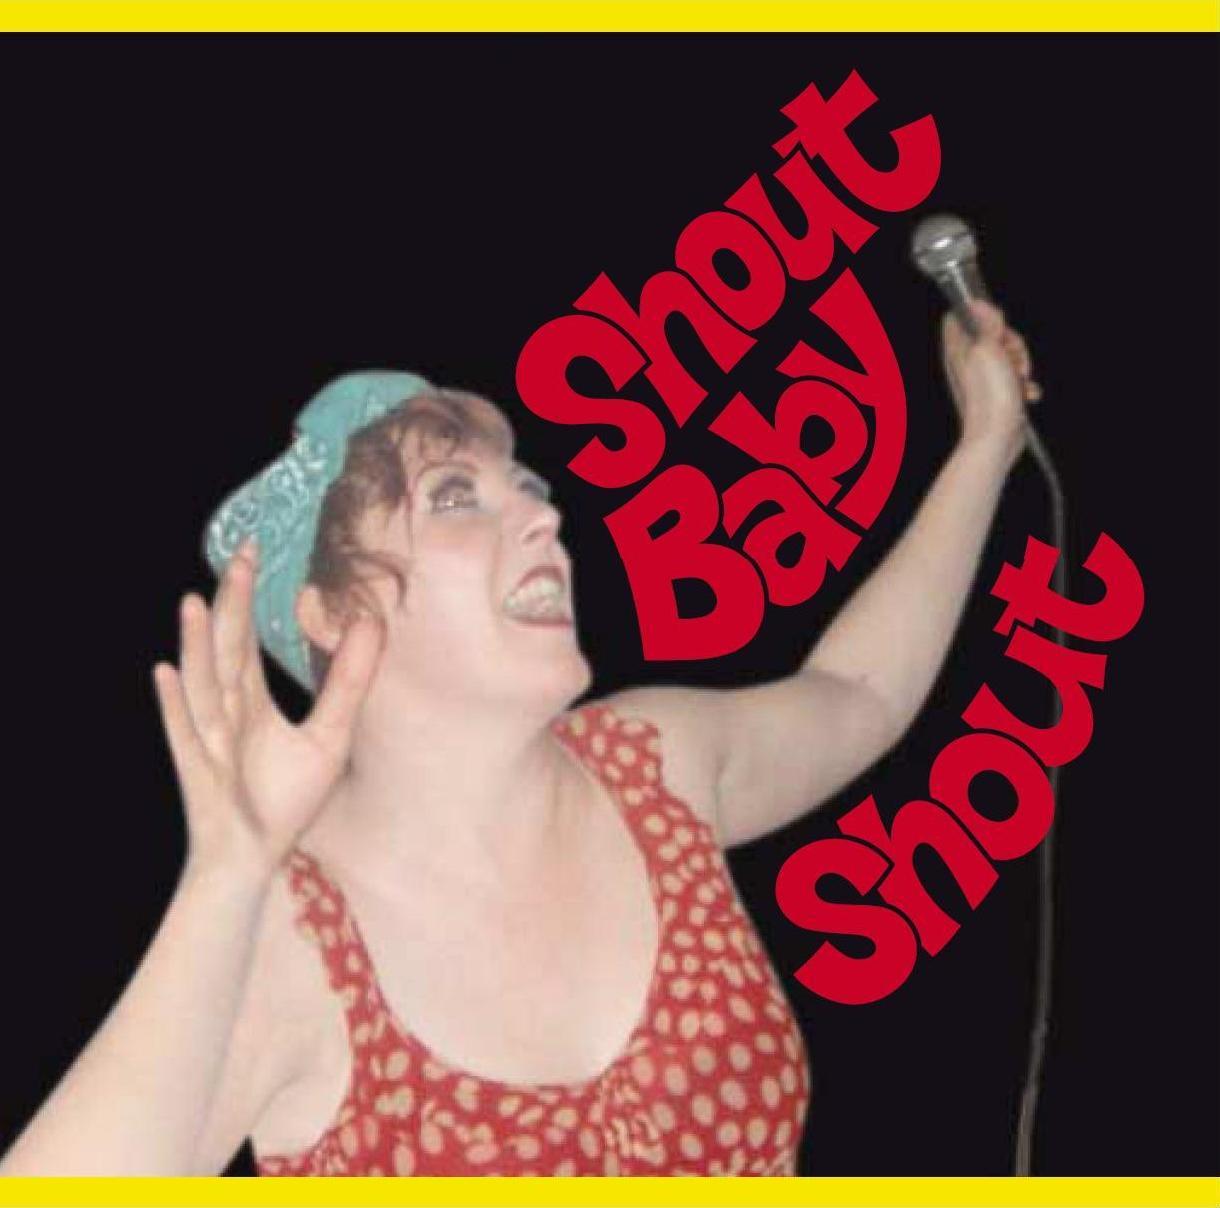 babyshout